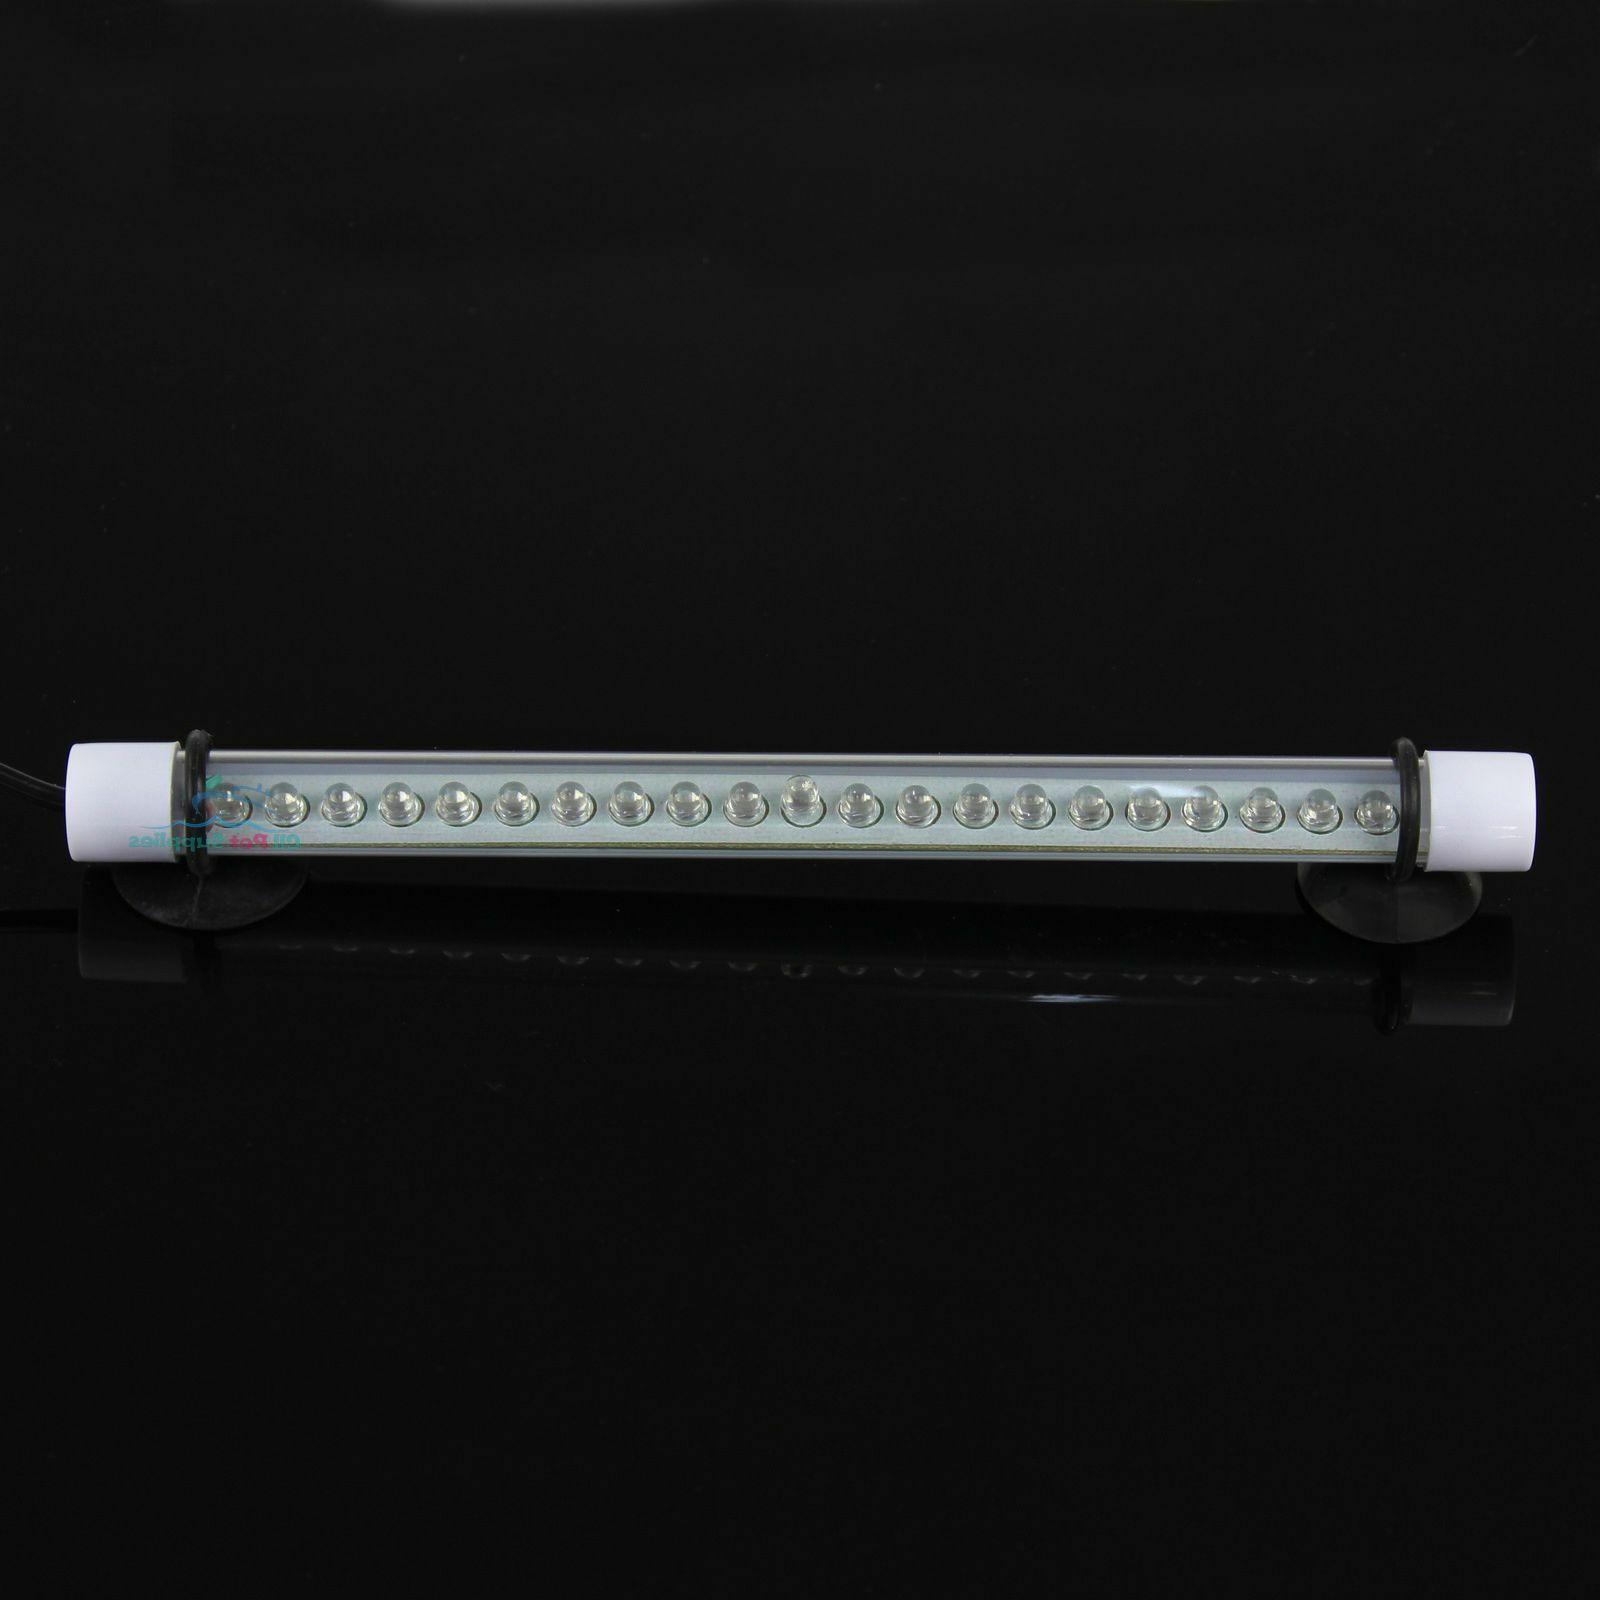 White LED Underwater Stick Strip Lamp Aquarium Fish Tank